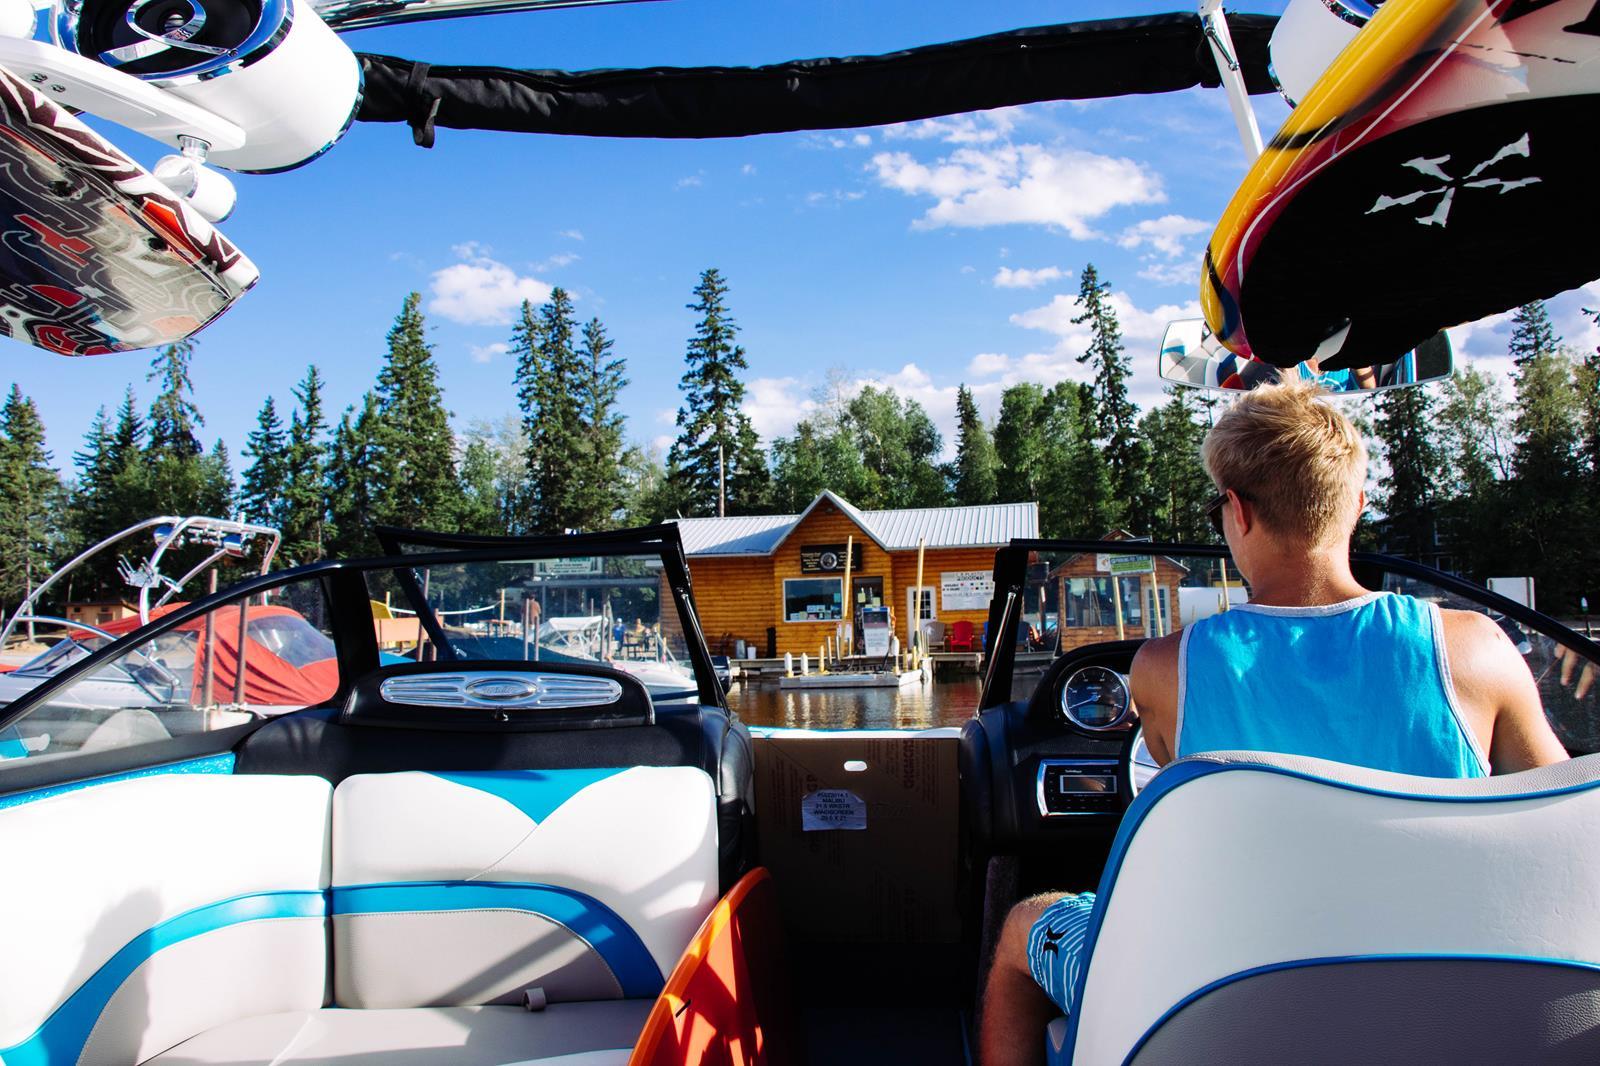 marina at sunset Bay Resort Emma Lake SK from a Ski boat